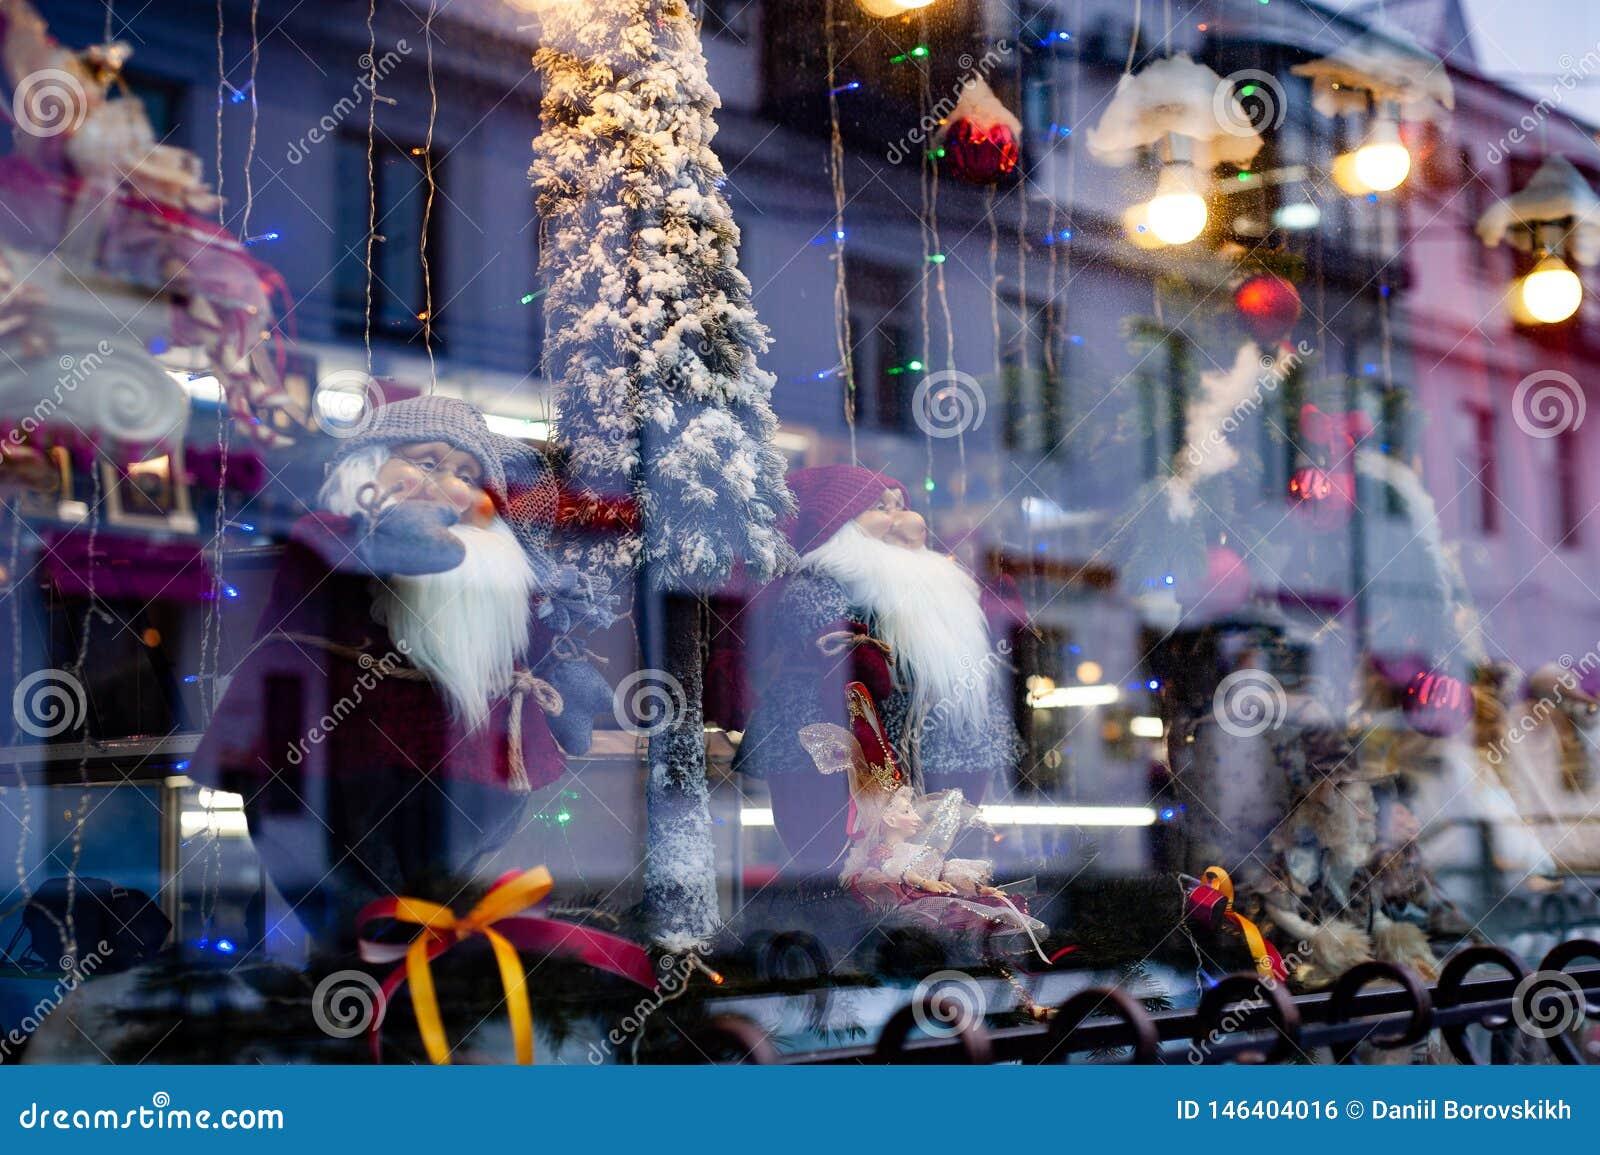 Boże Narodzenie gablota wystawowa z kukłami